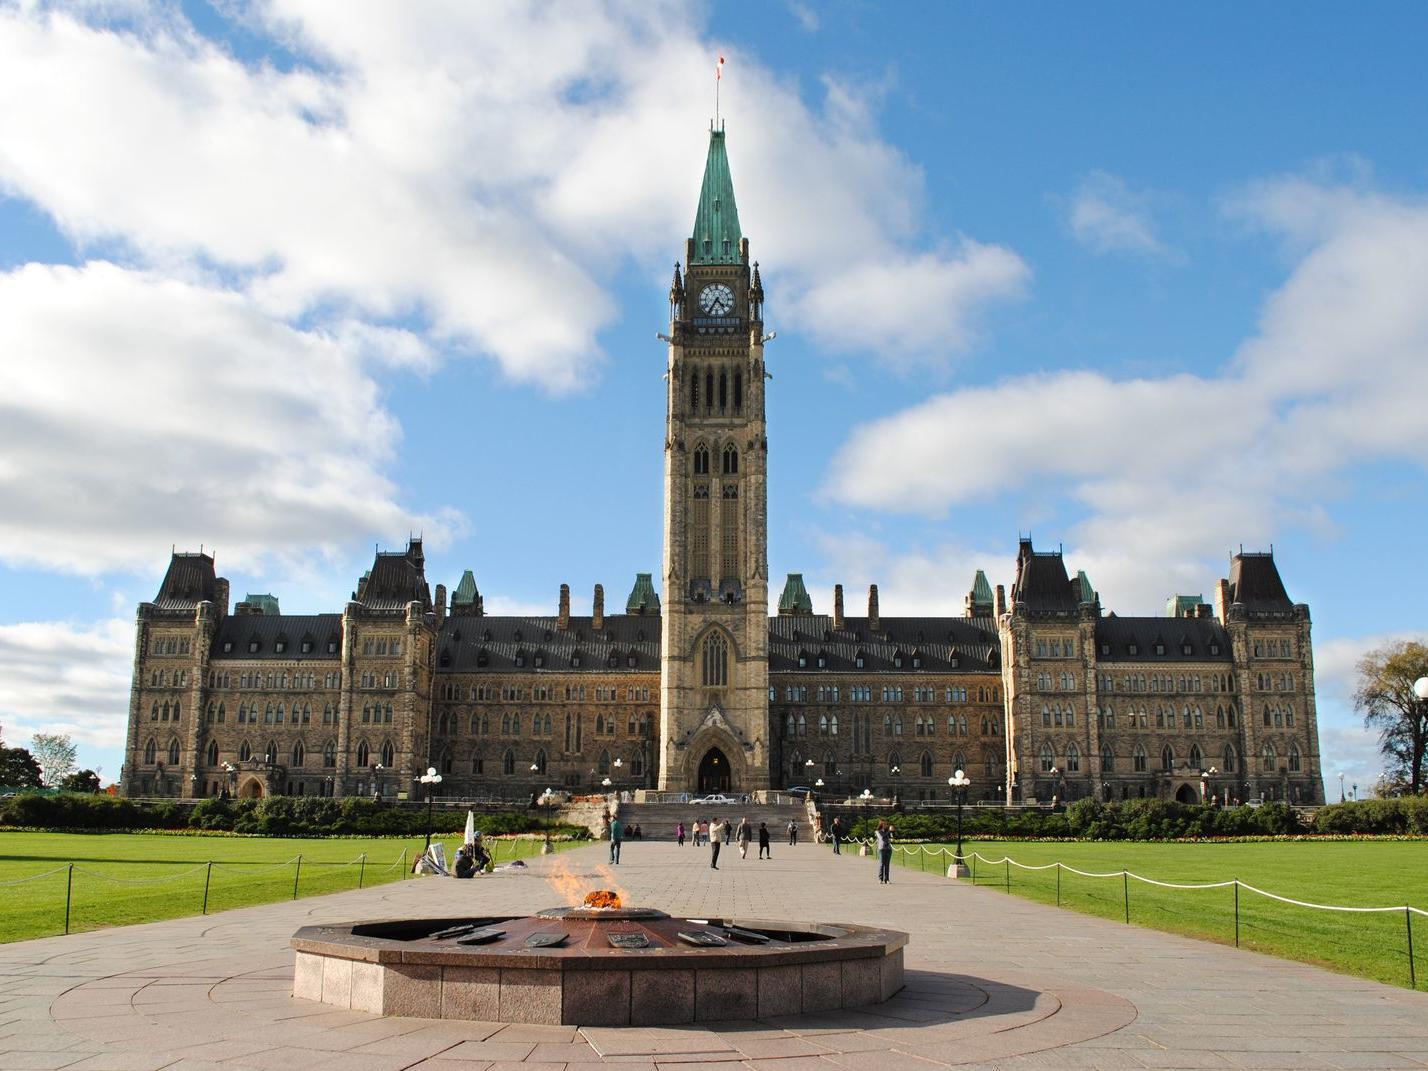 brick exterior of parliament hill building